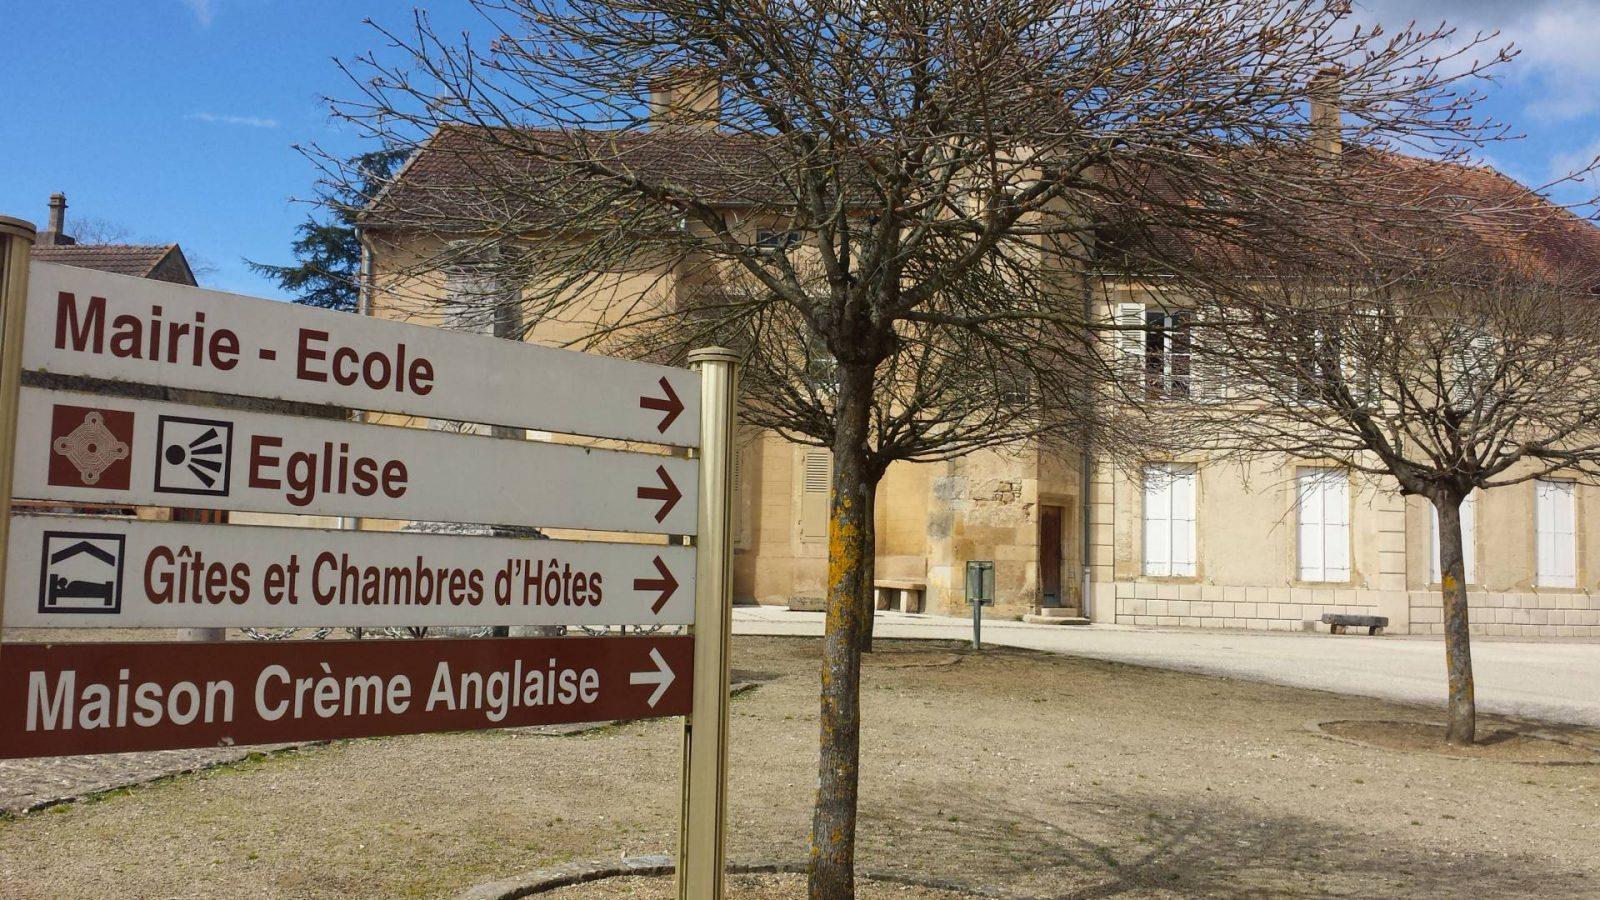 Maison Creme Anglaise sign